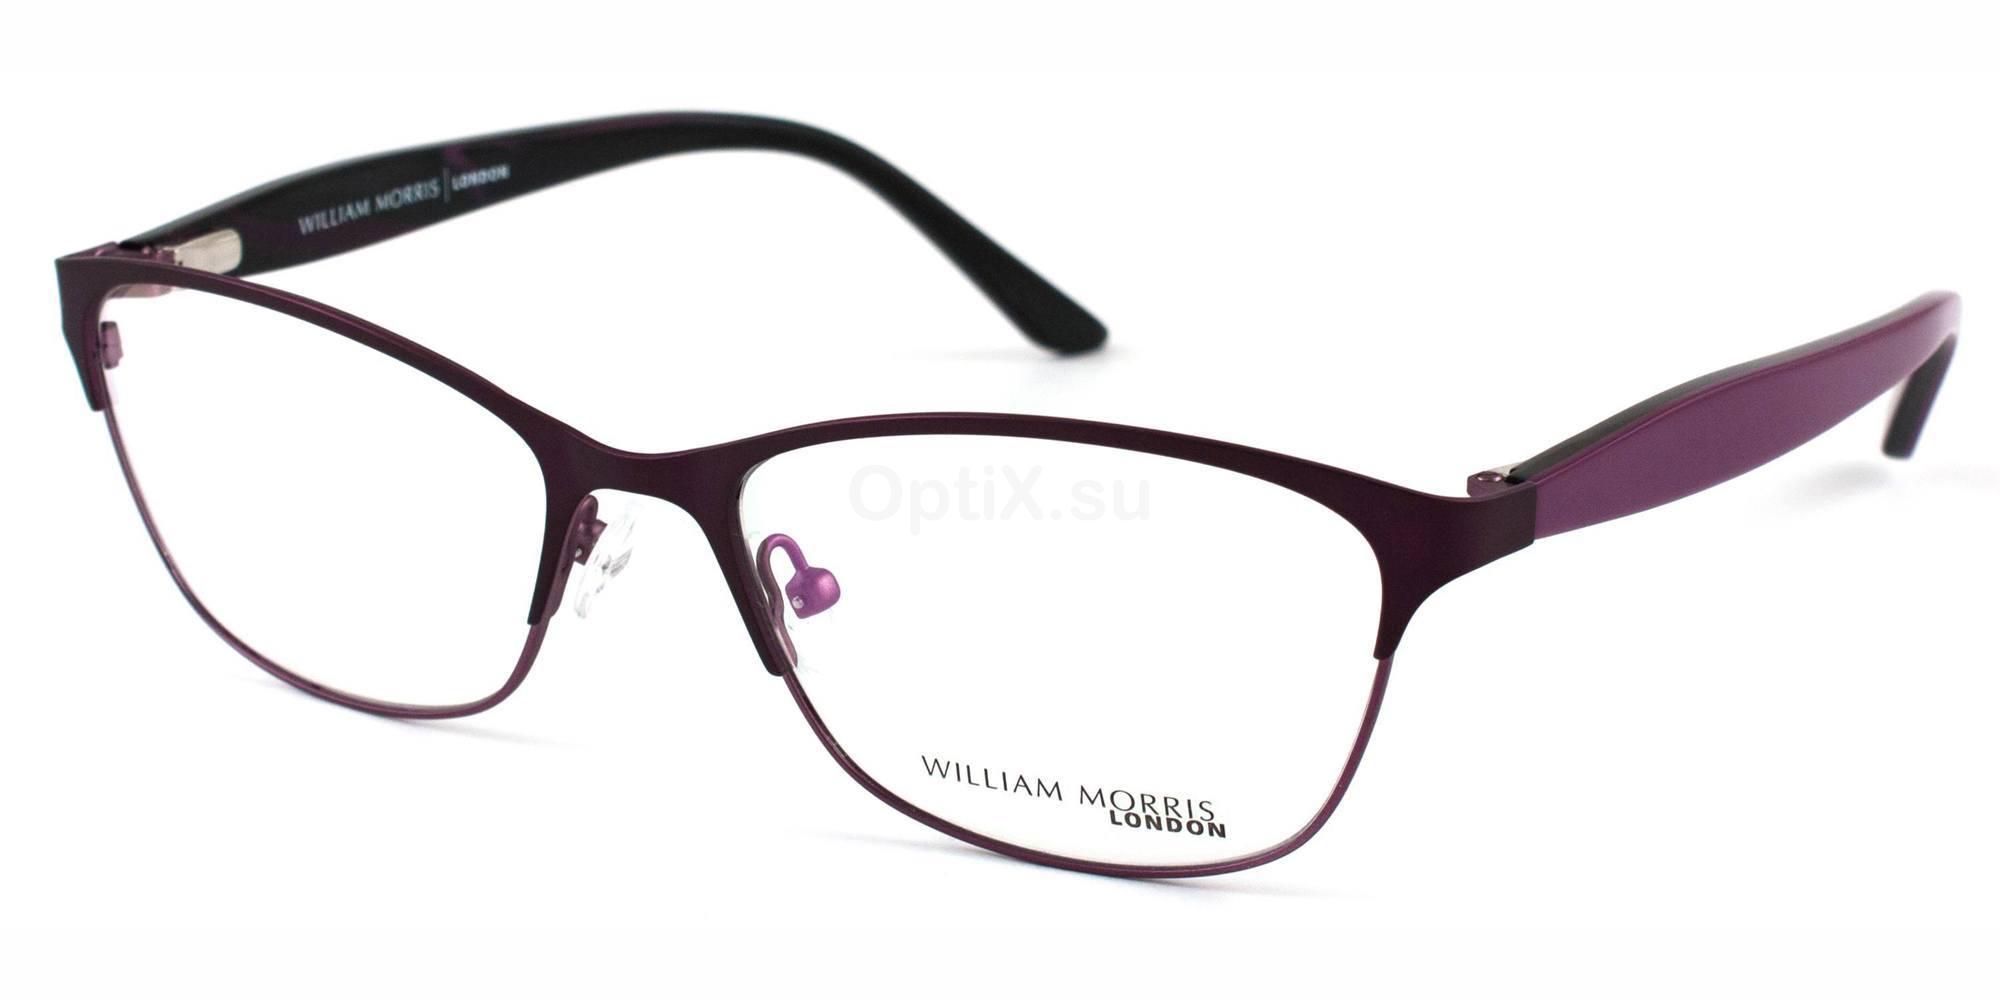 C1 WL9915 , William Morris London